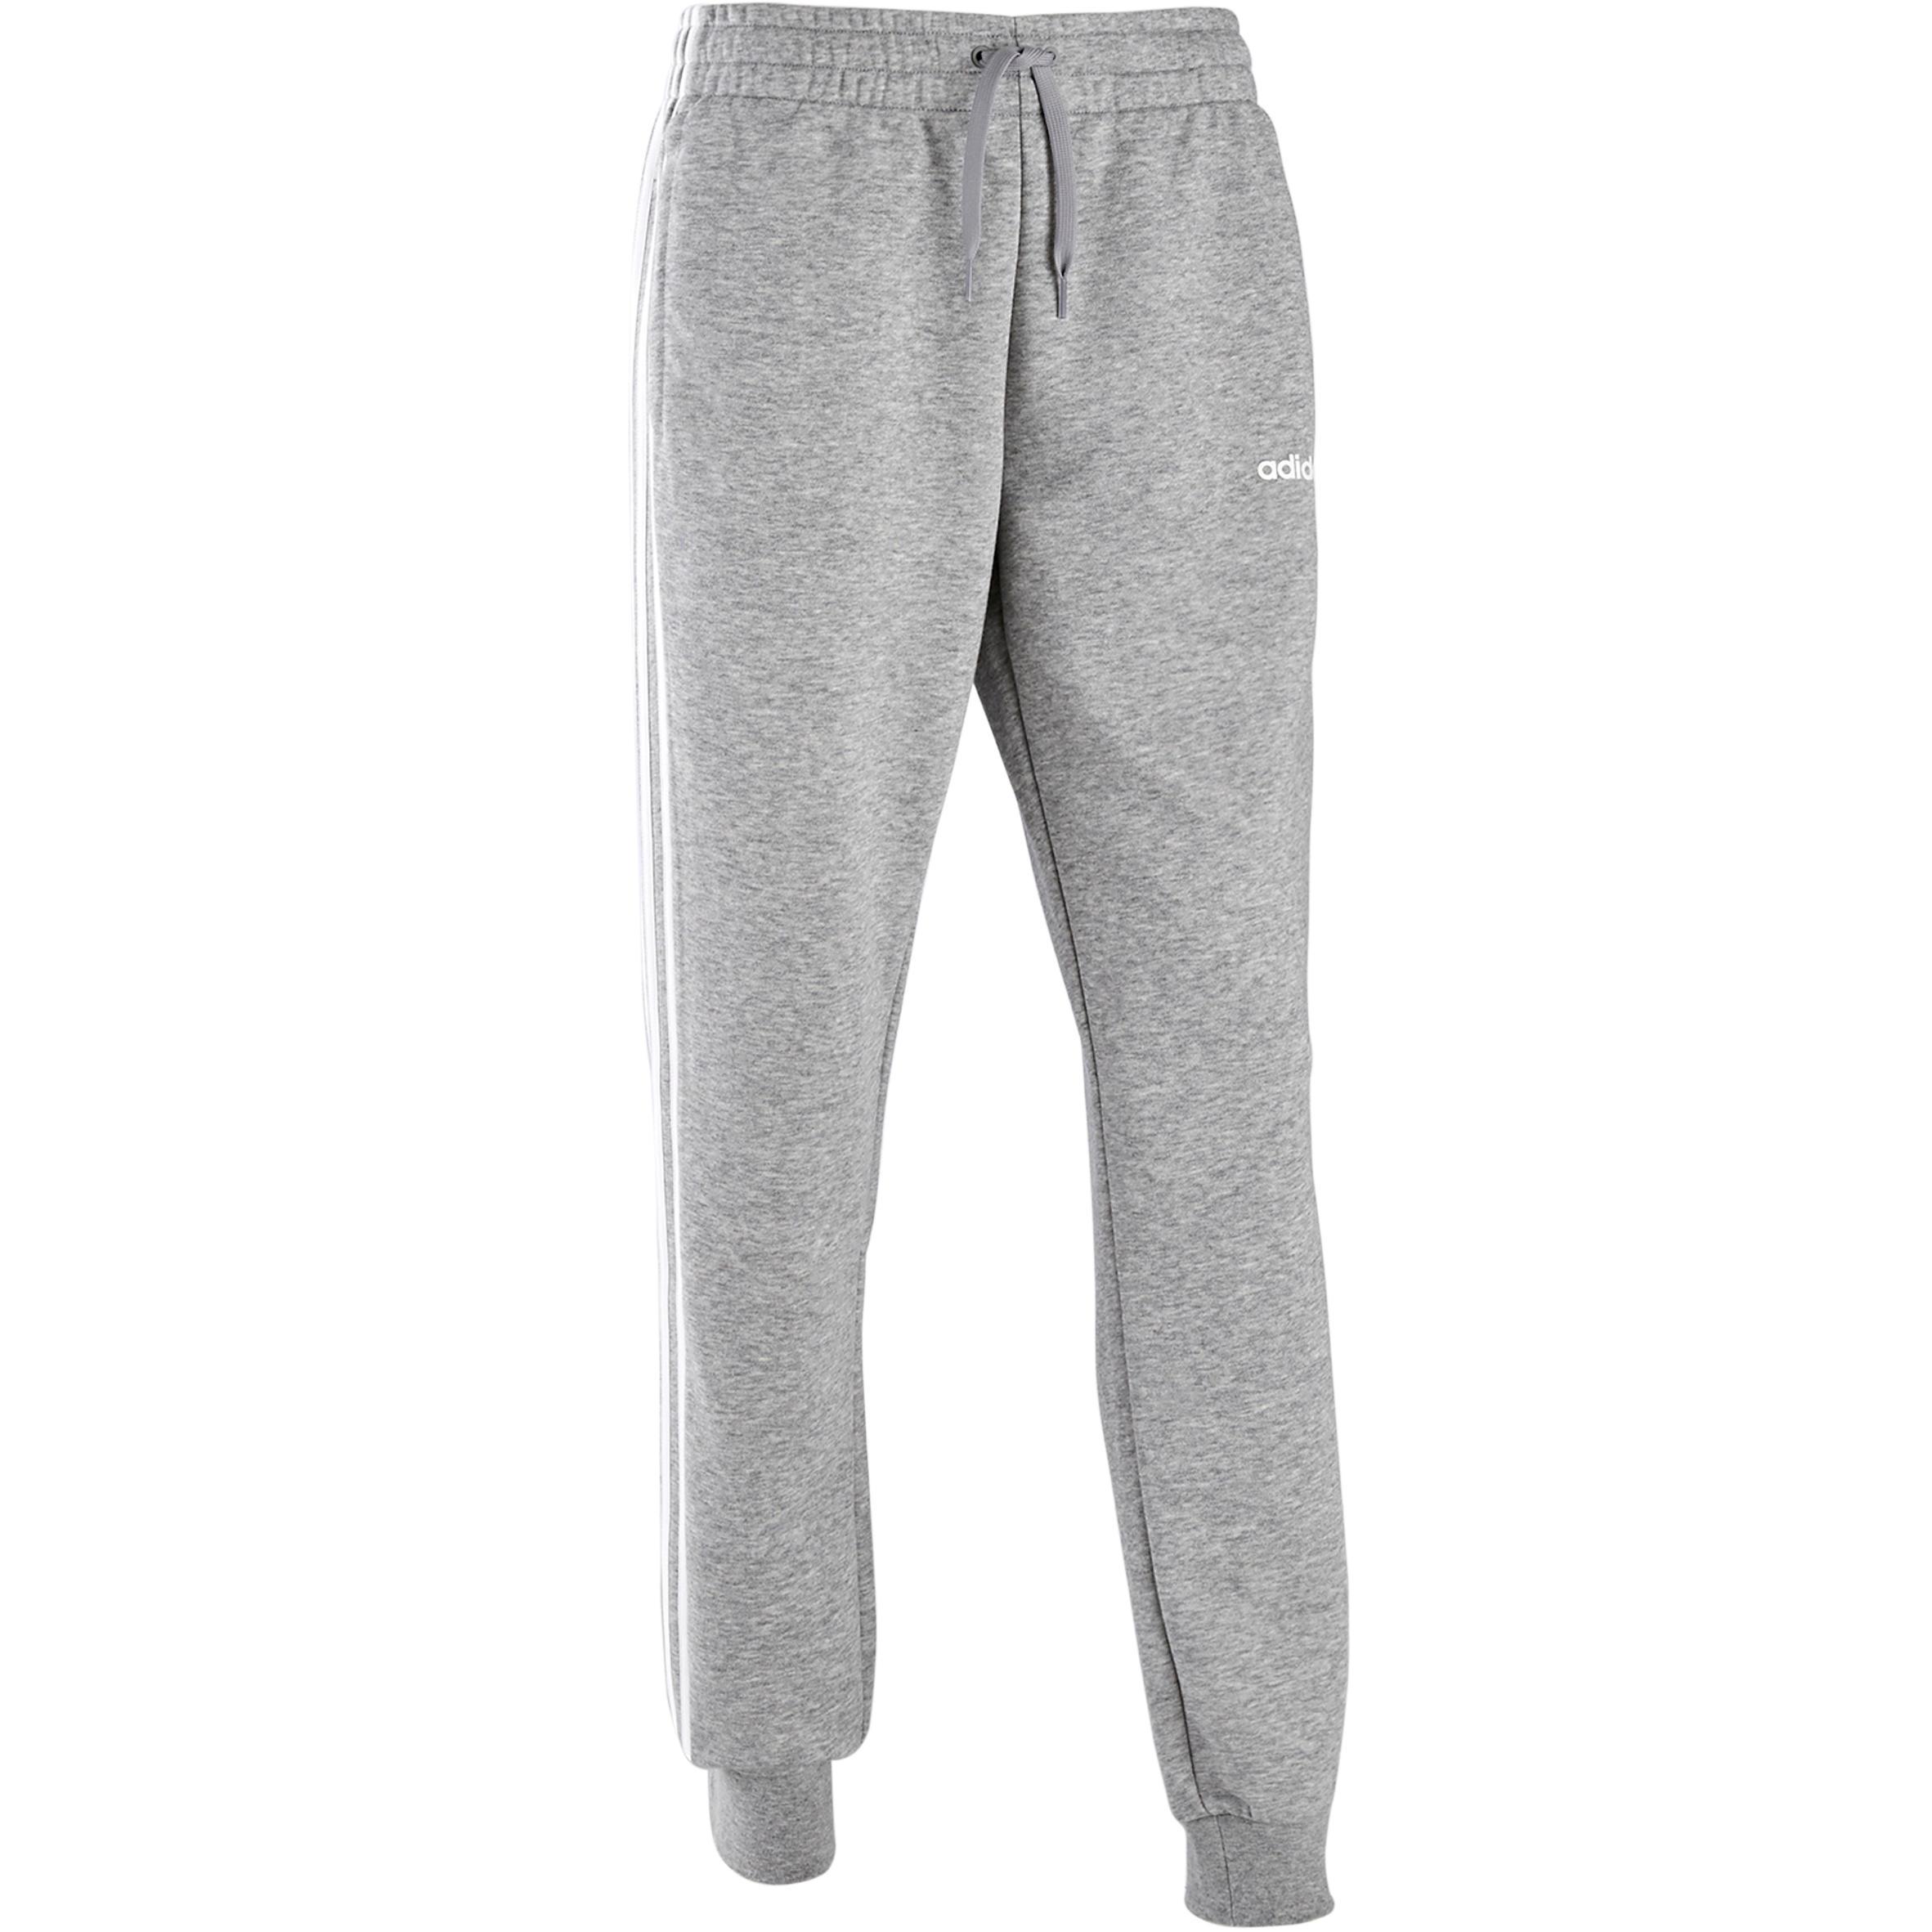 Pantalones De Gimnasia Adidas Mujer 51 Descuento Bosca Ec